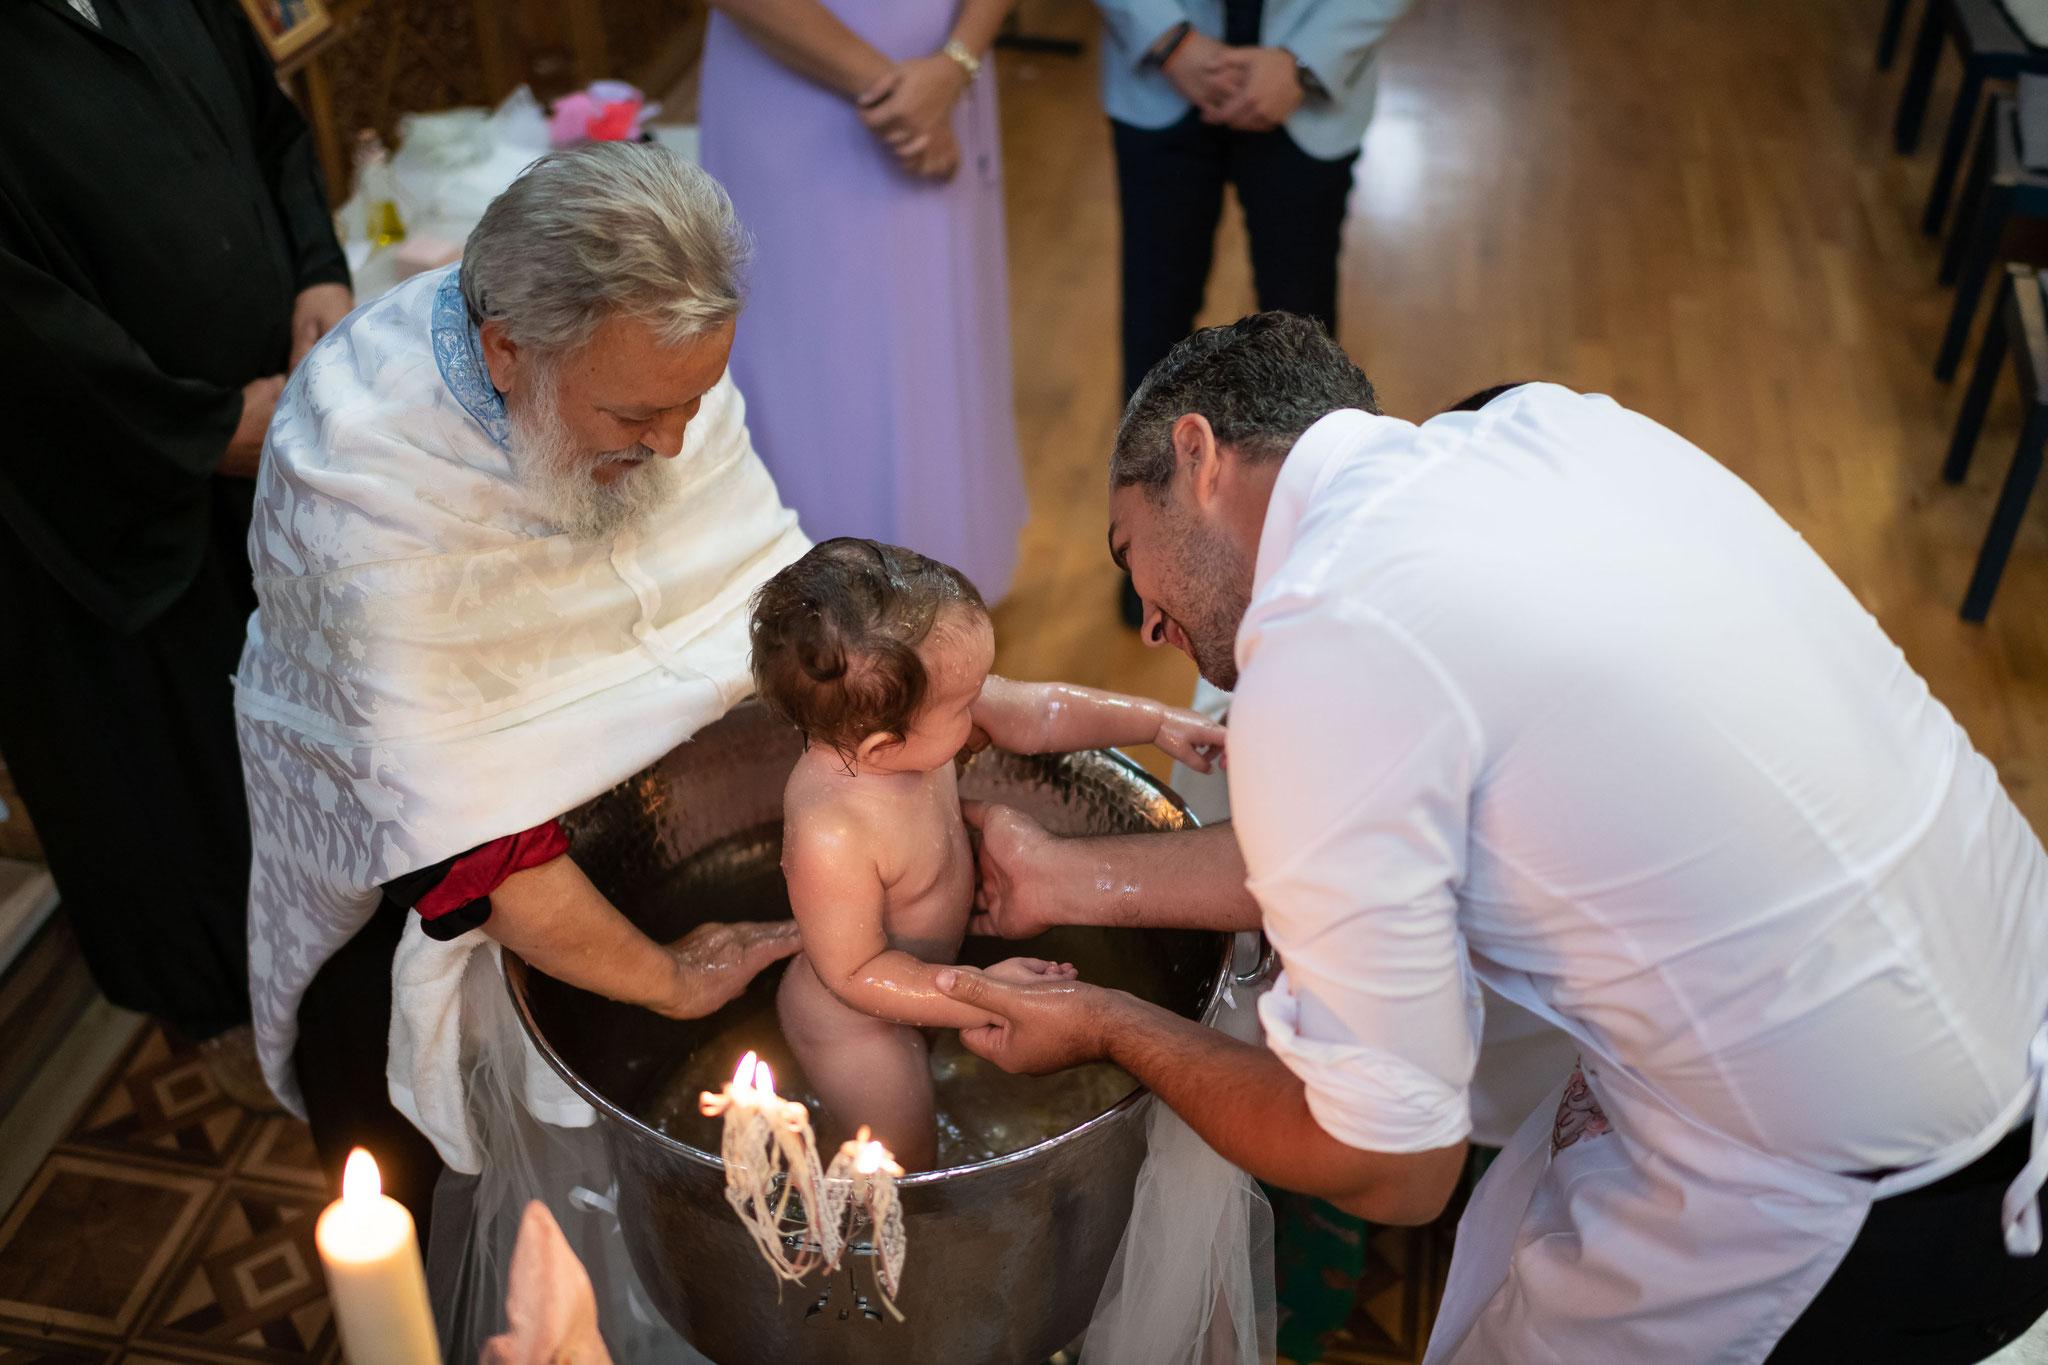 Kreatives und immer gut gelauntes Kamerateam für Ihre perfekten Aufnahmen während der Taufe Ihres Kindes